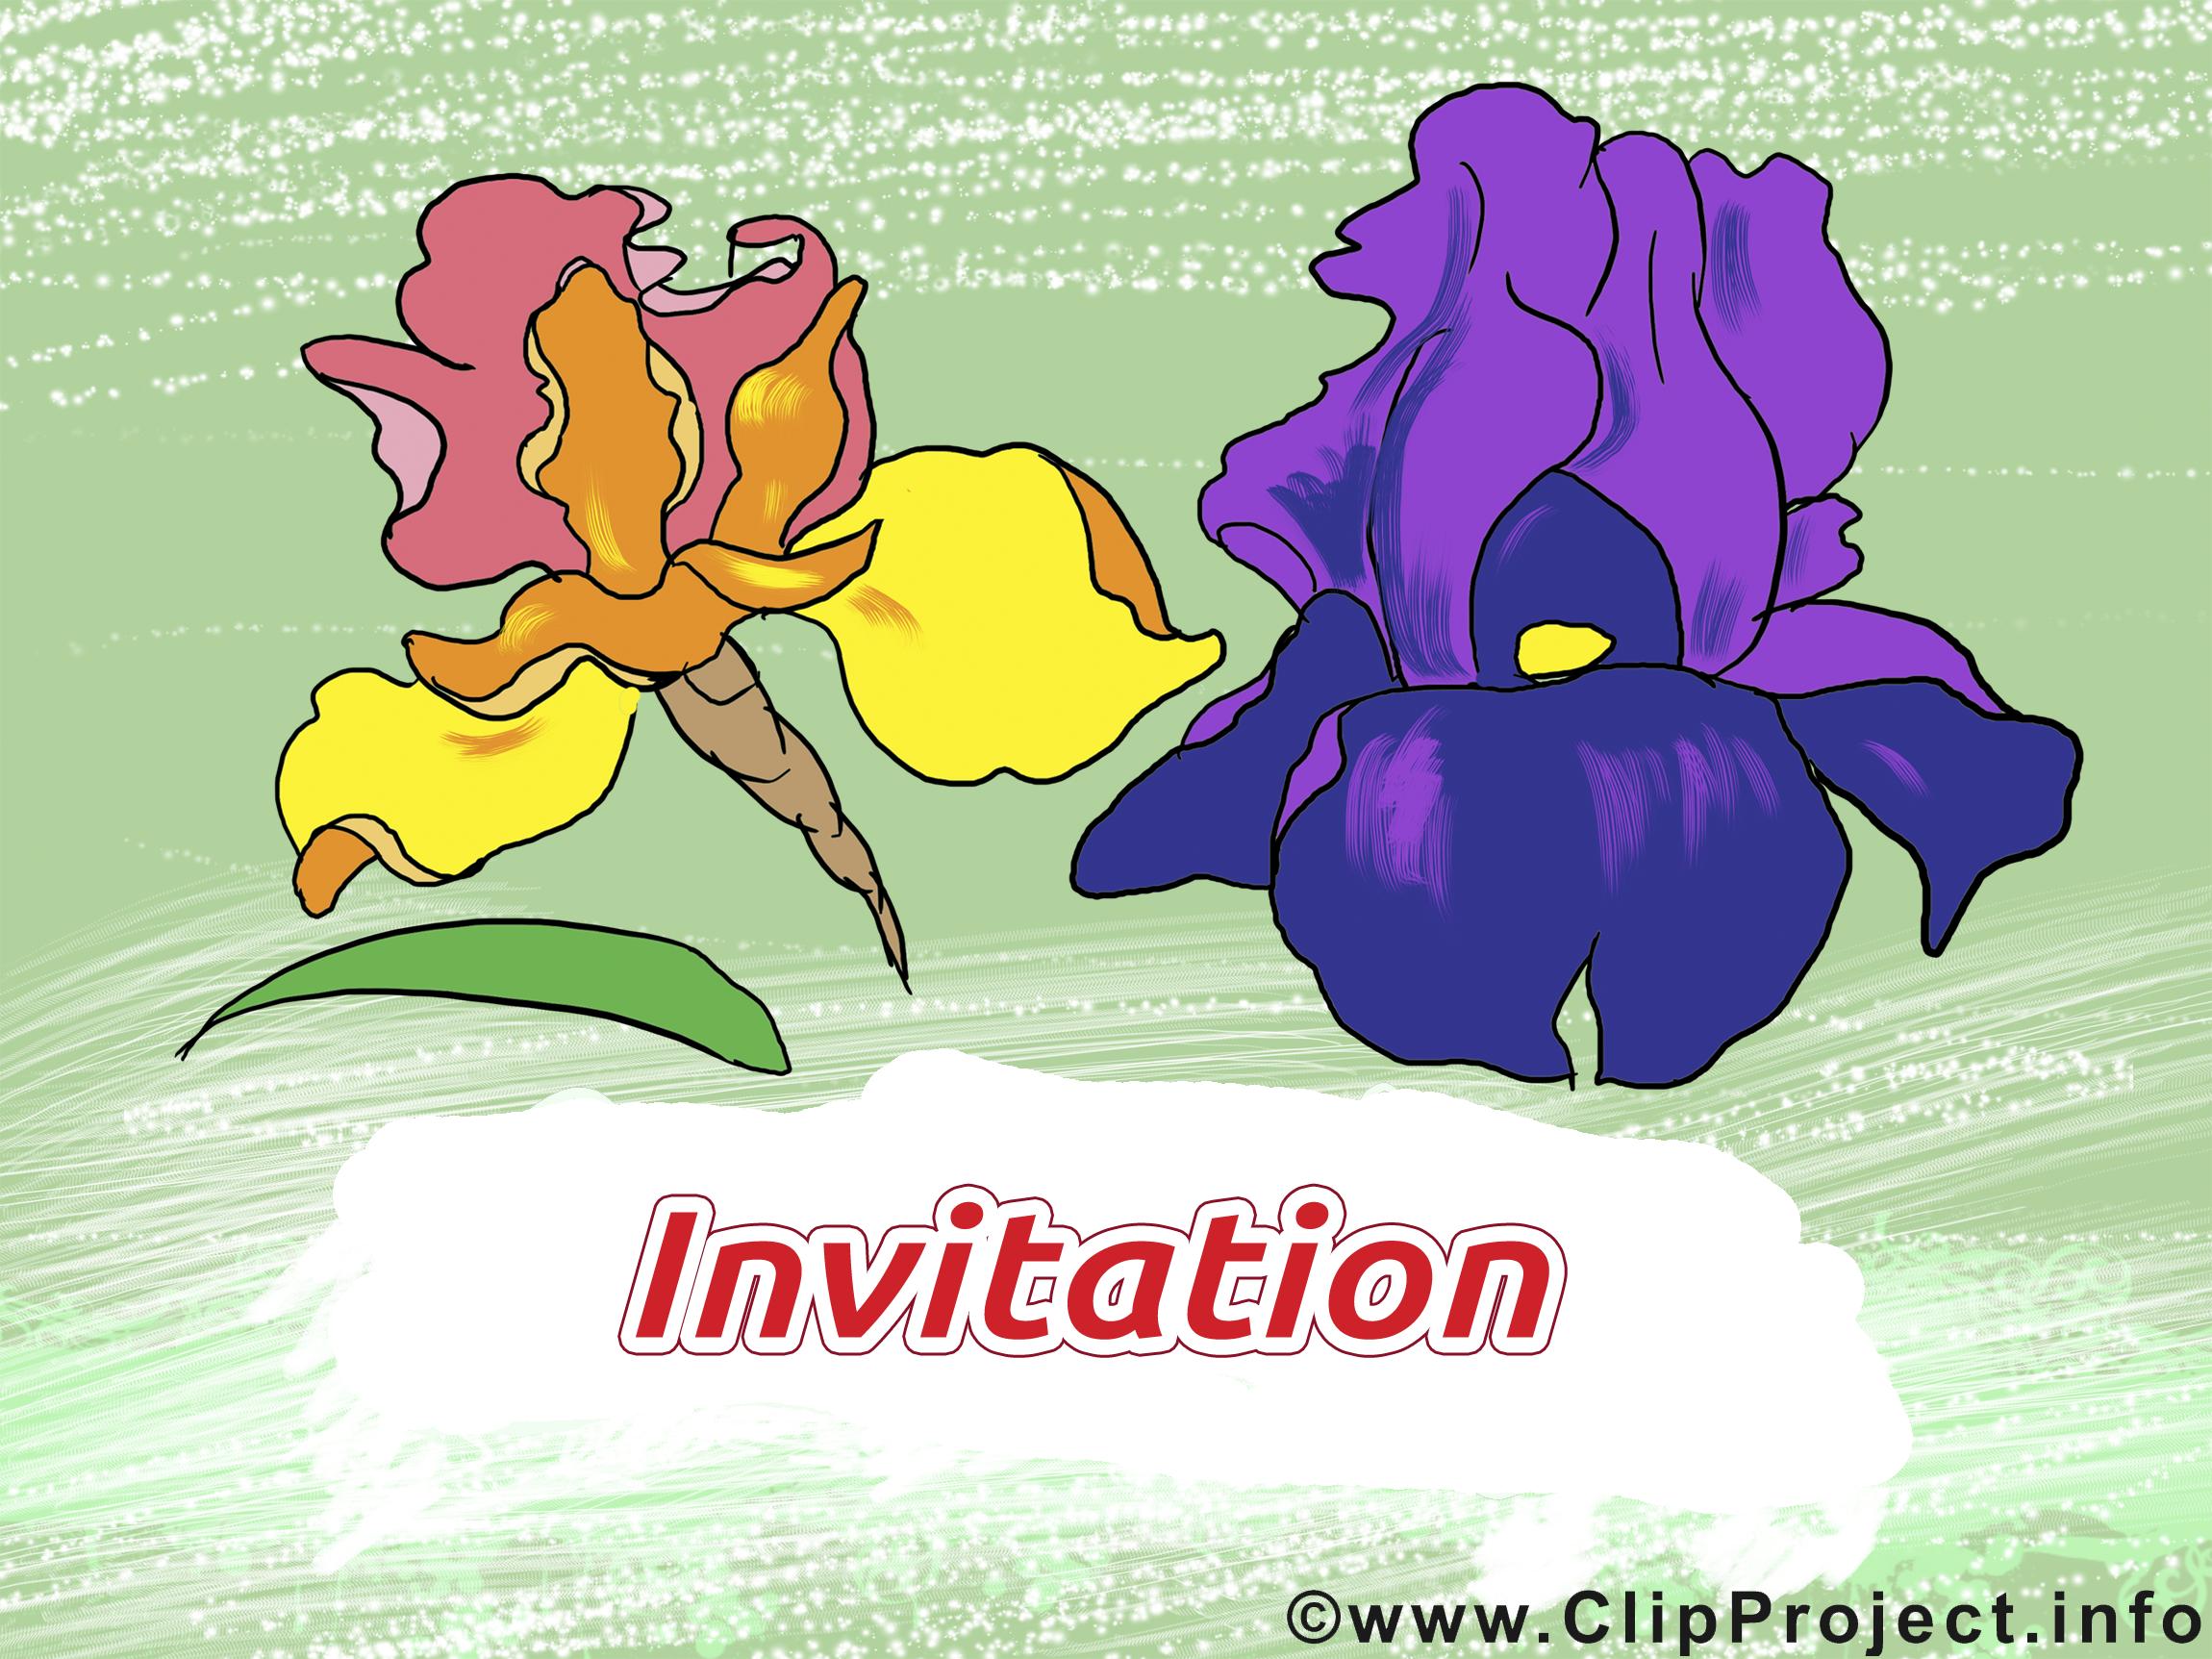 Fleurs image gratuite – Invitation clipart